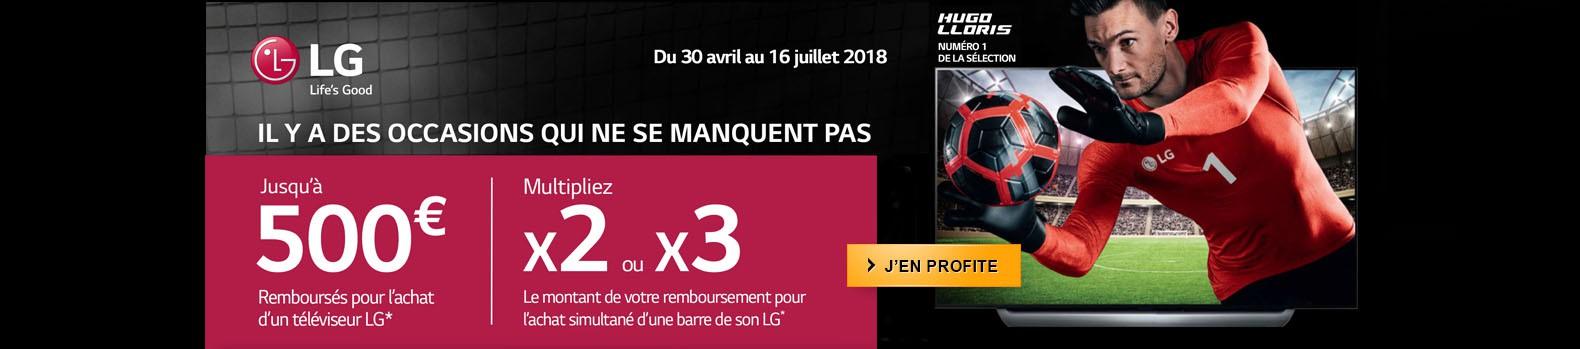 Jusqu'au 16 juillet, bénéficiez d'un remboursement pouvant aller jusqu'à 1500€ pour l'achat d'un TV Oled LG + la barre de son